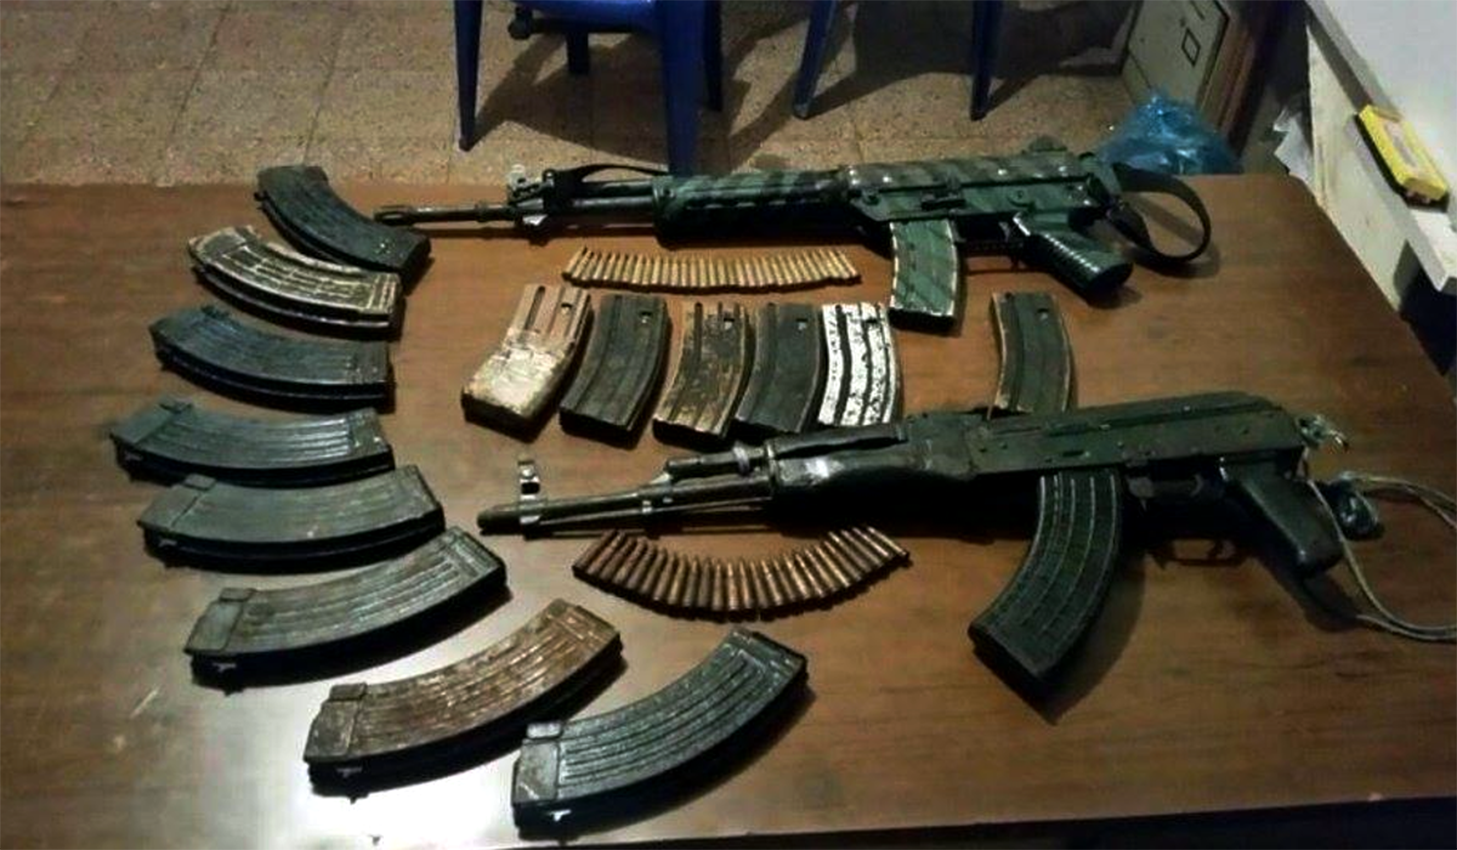 La pandilla MS13 adiestró pandilleros para uso de armas en El Salvador